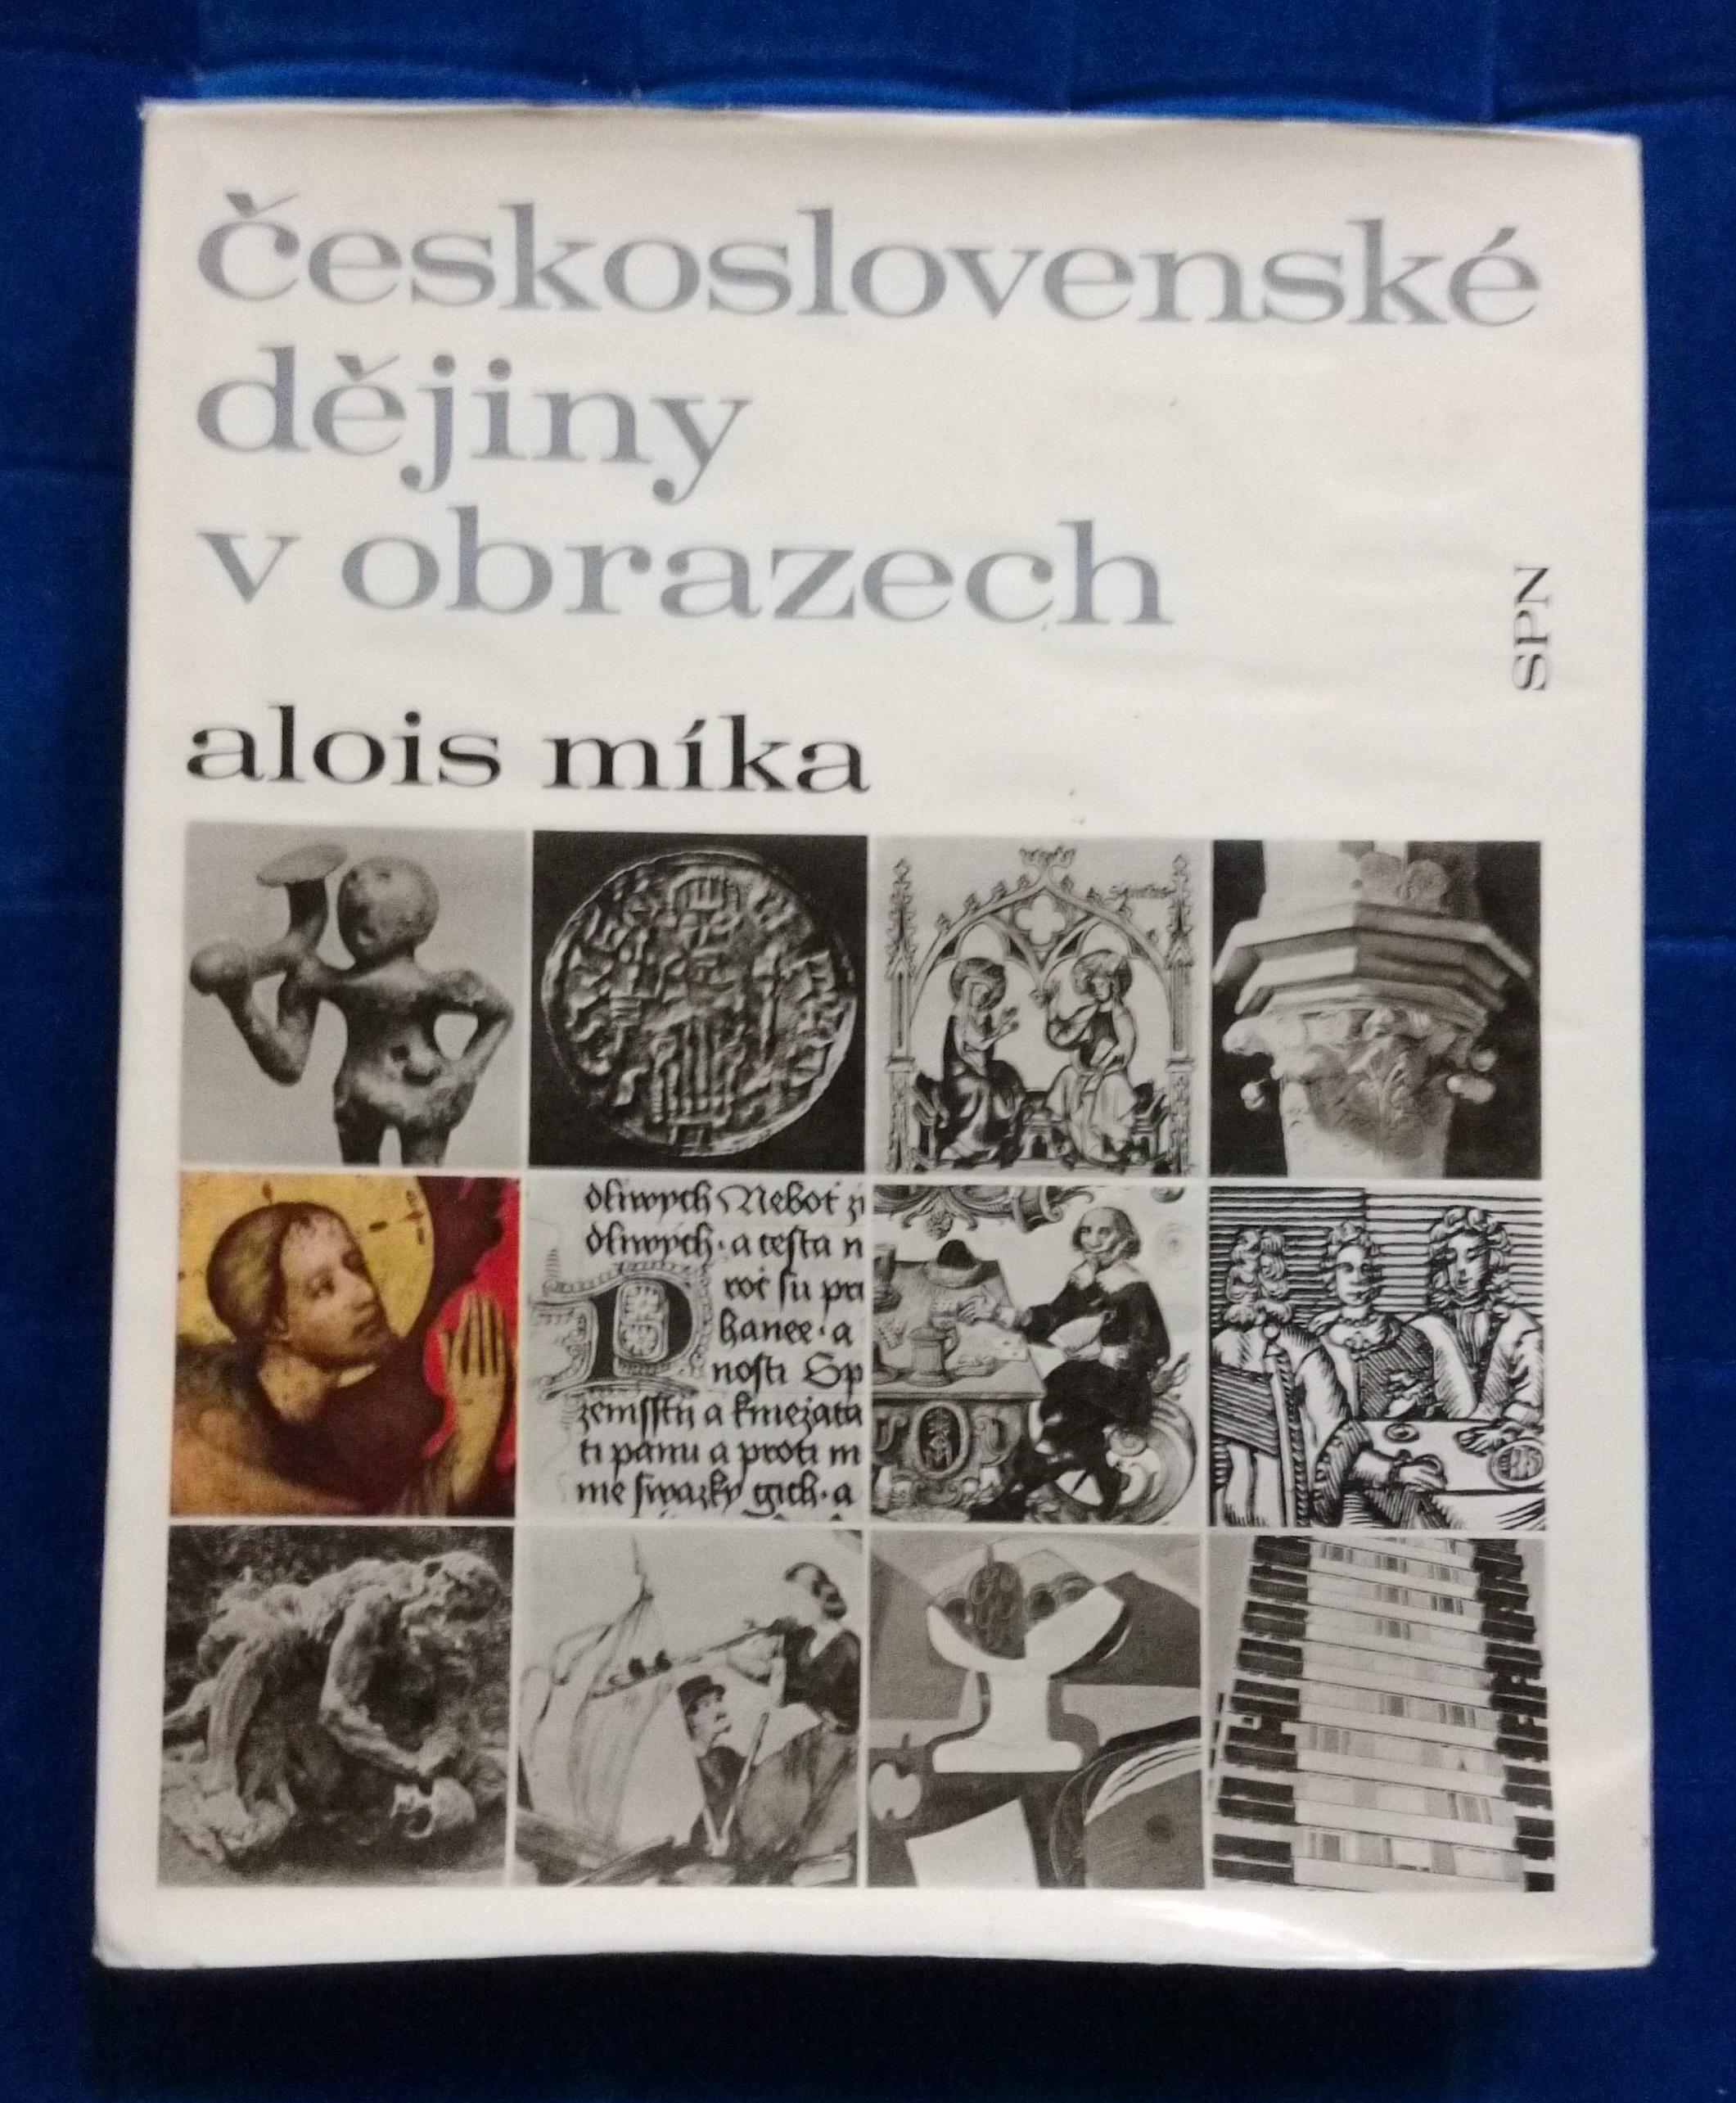 Československé dějiny v obrazech - Alois Míka